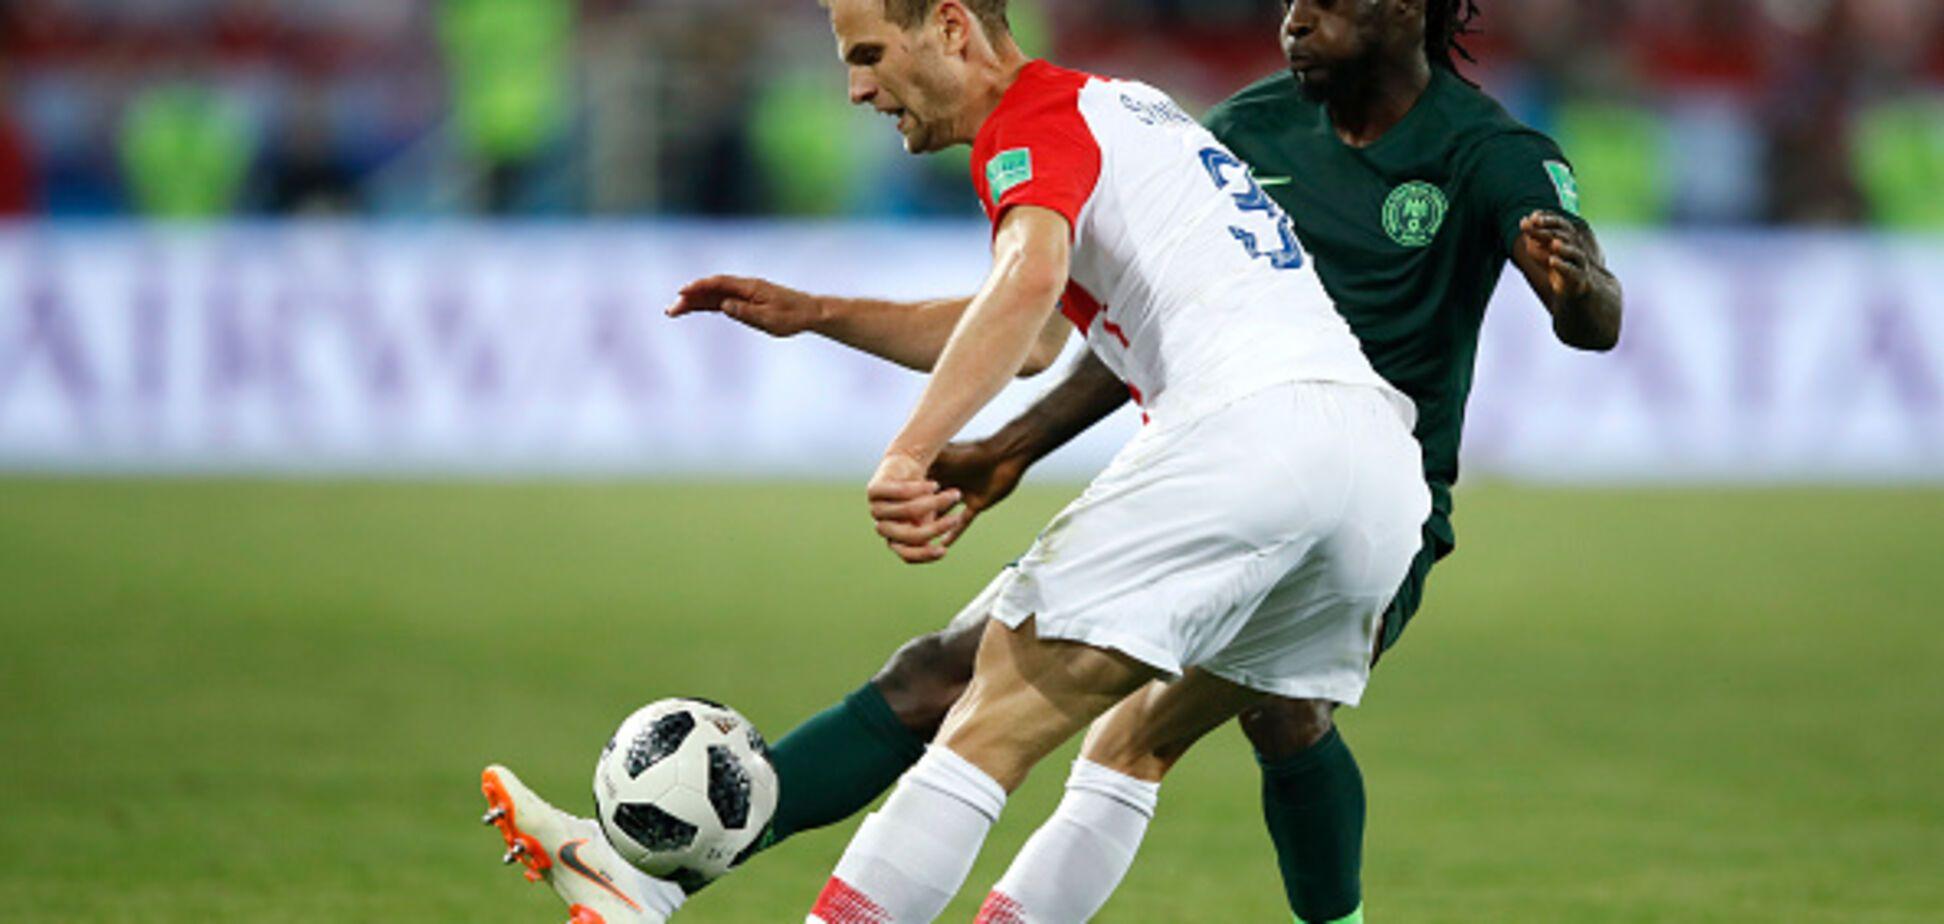 Хорватия – Дания - 4-3: онлайн-трансляция матча 1/8 финала ЧМ-2018